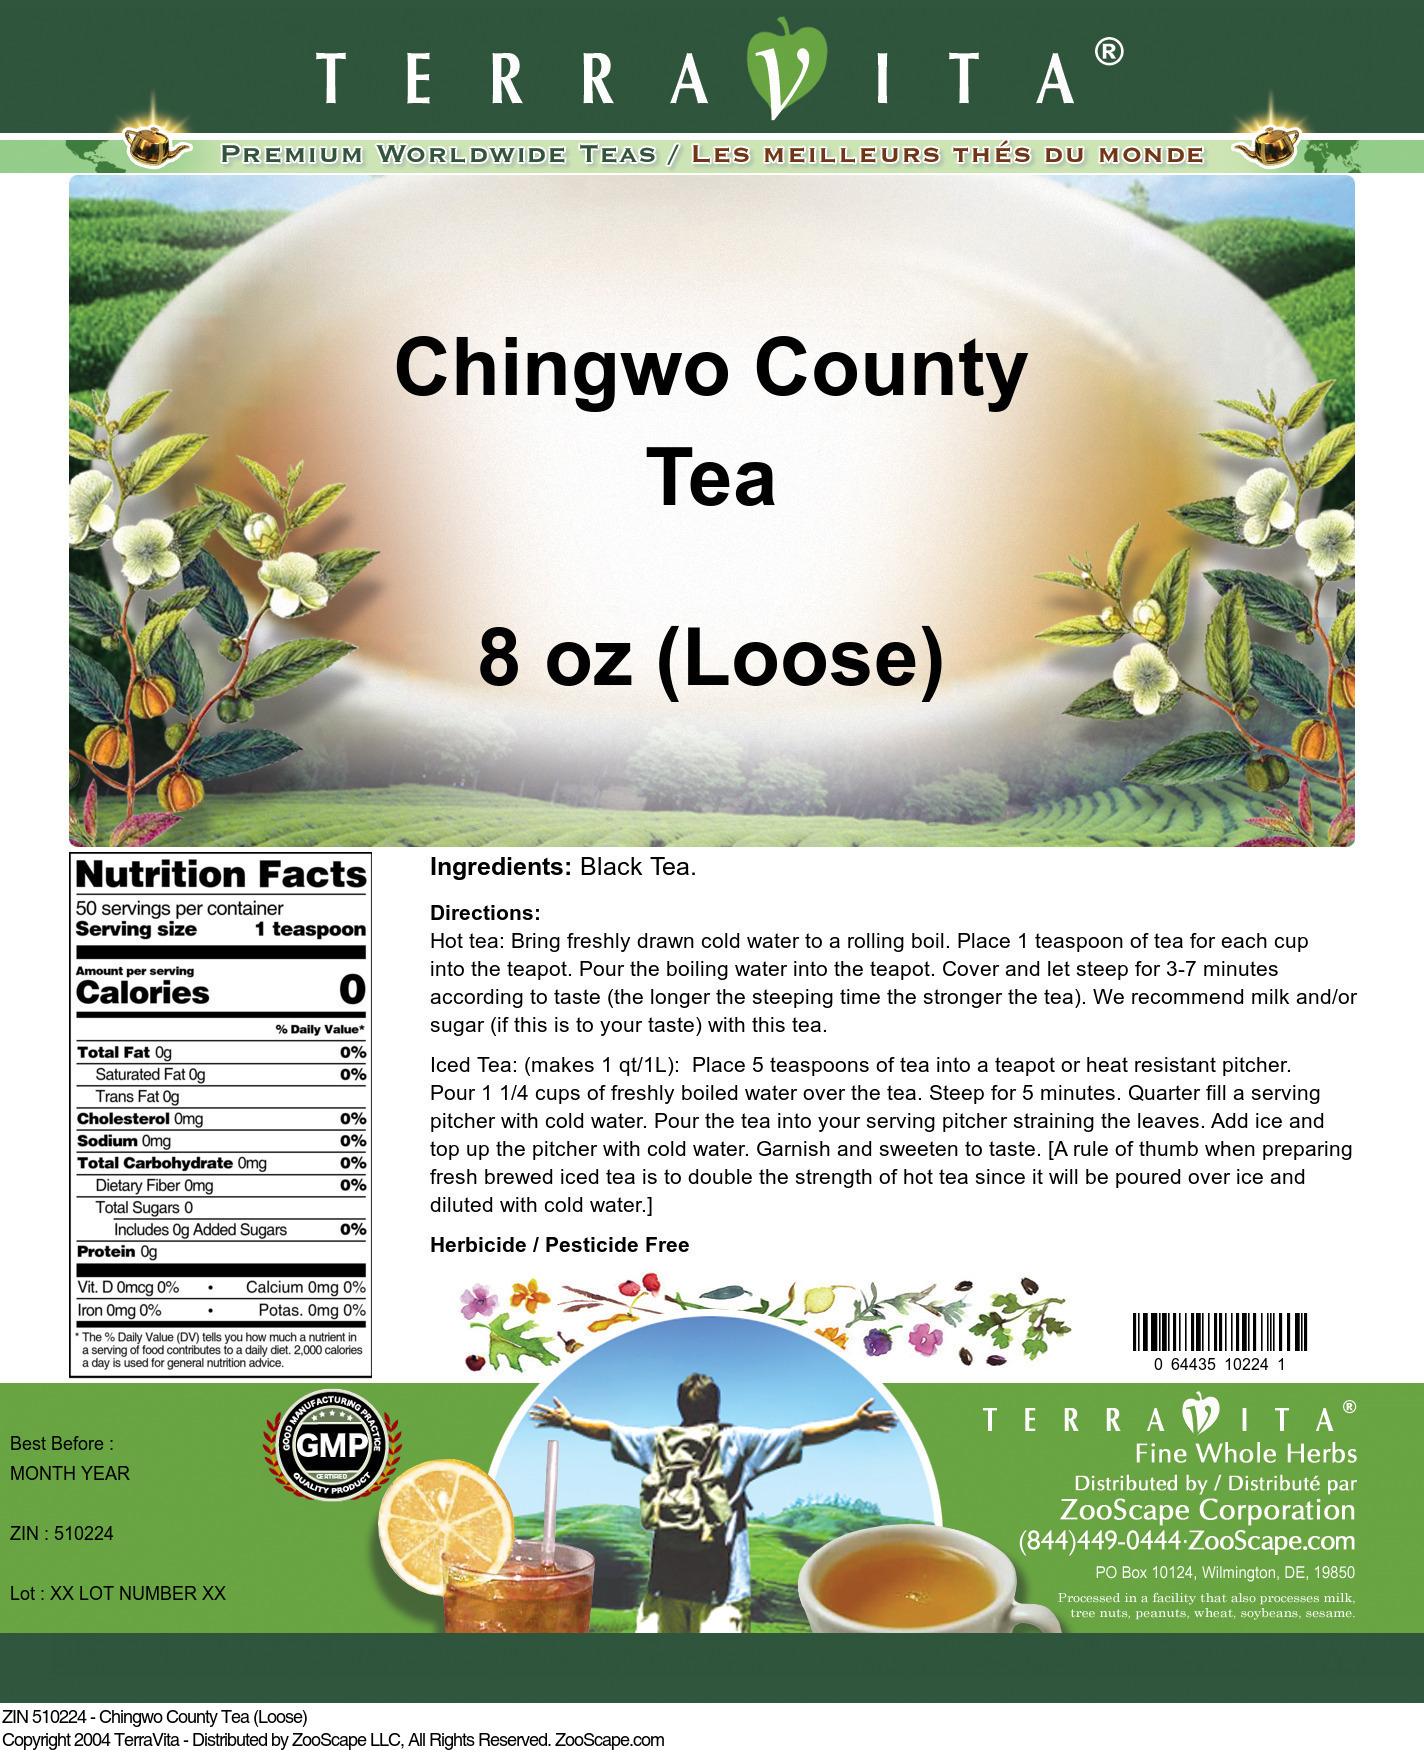 Chingwo County